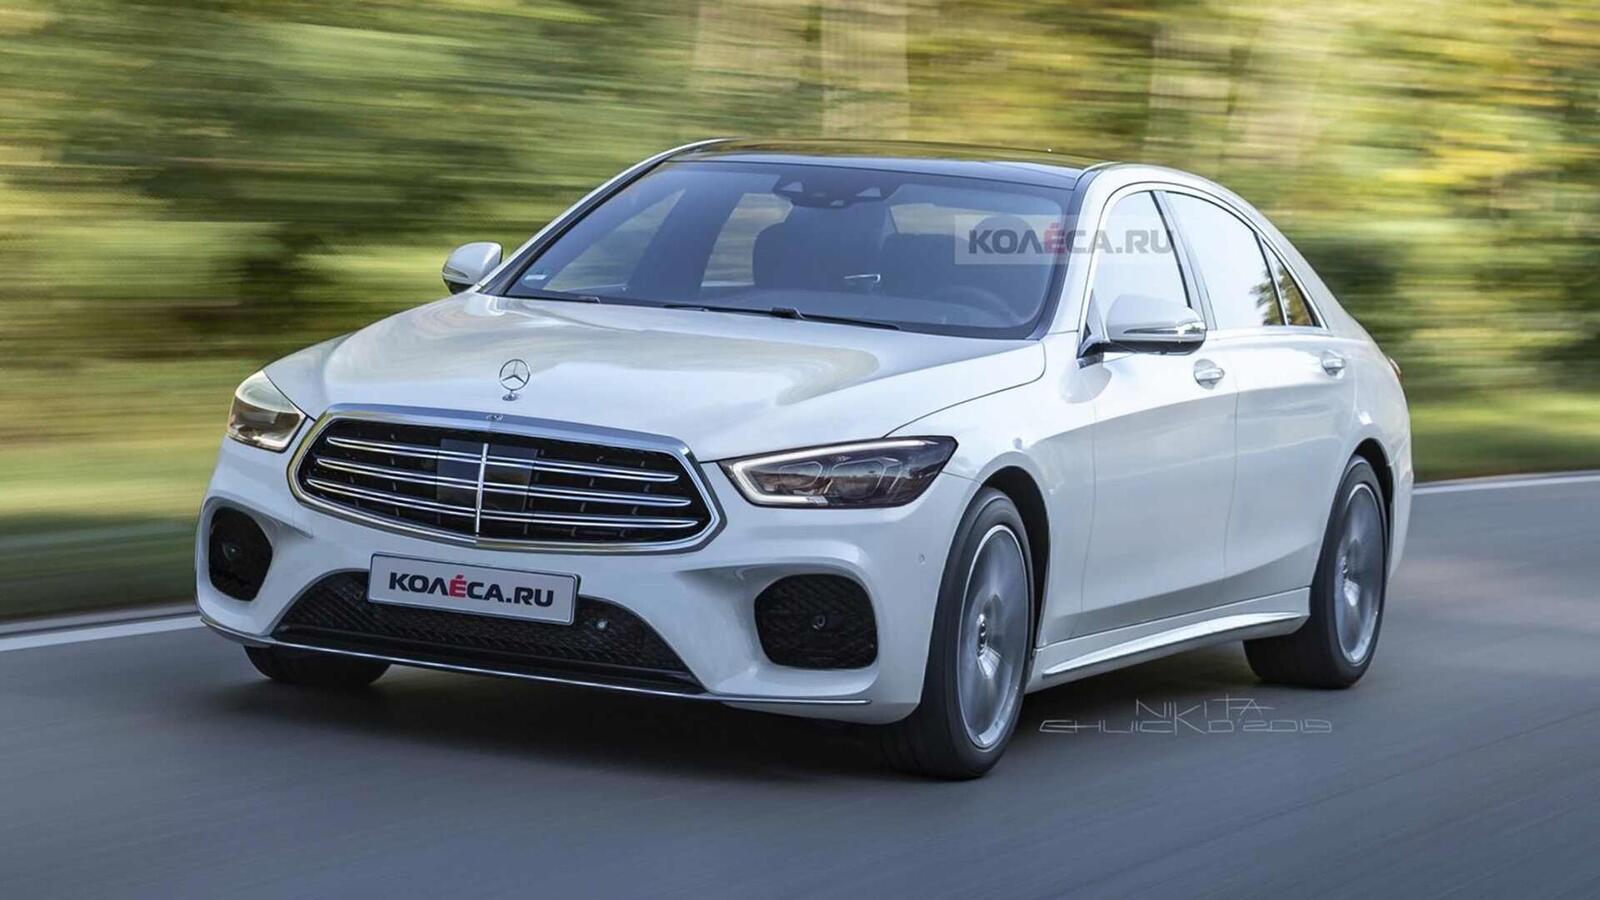 Ảnh render Mercedes-Benz S-Class thế hệ mới; đột phá về thiết kế - Hình 2